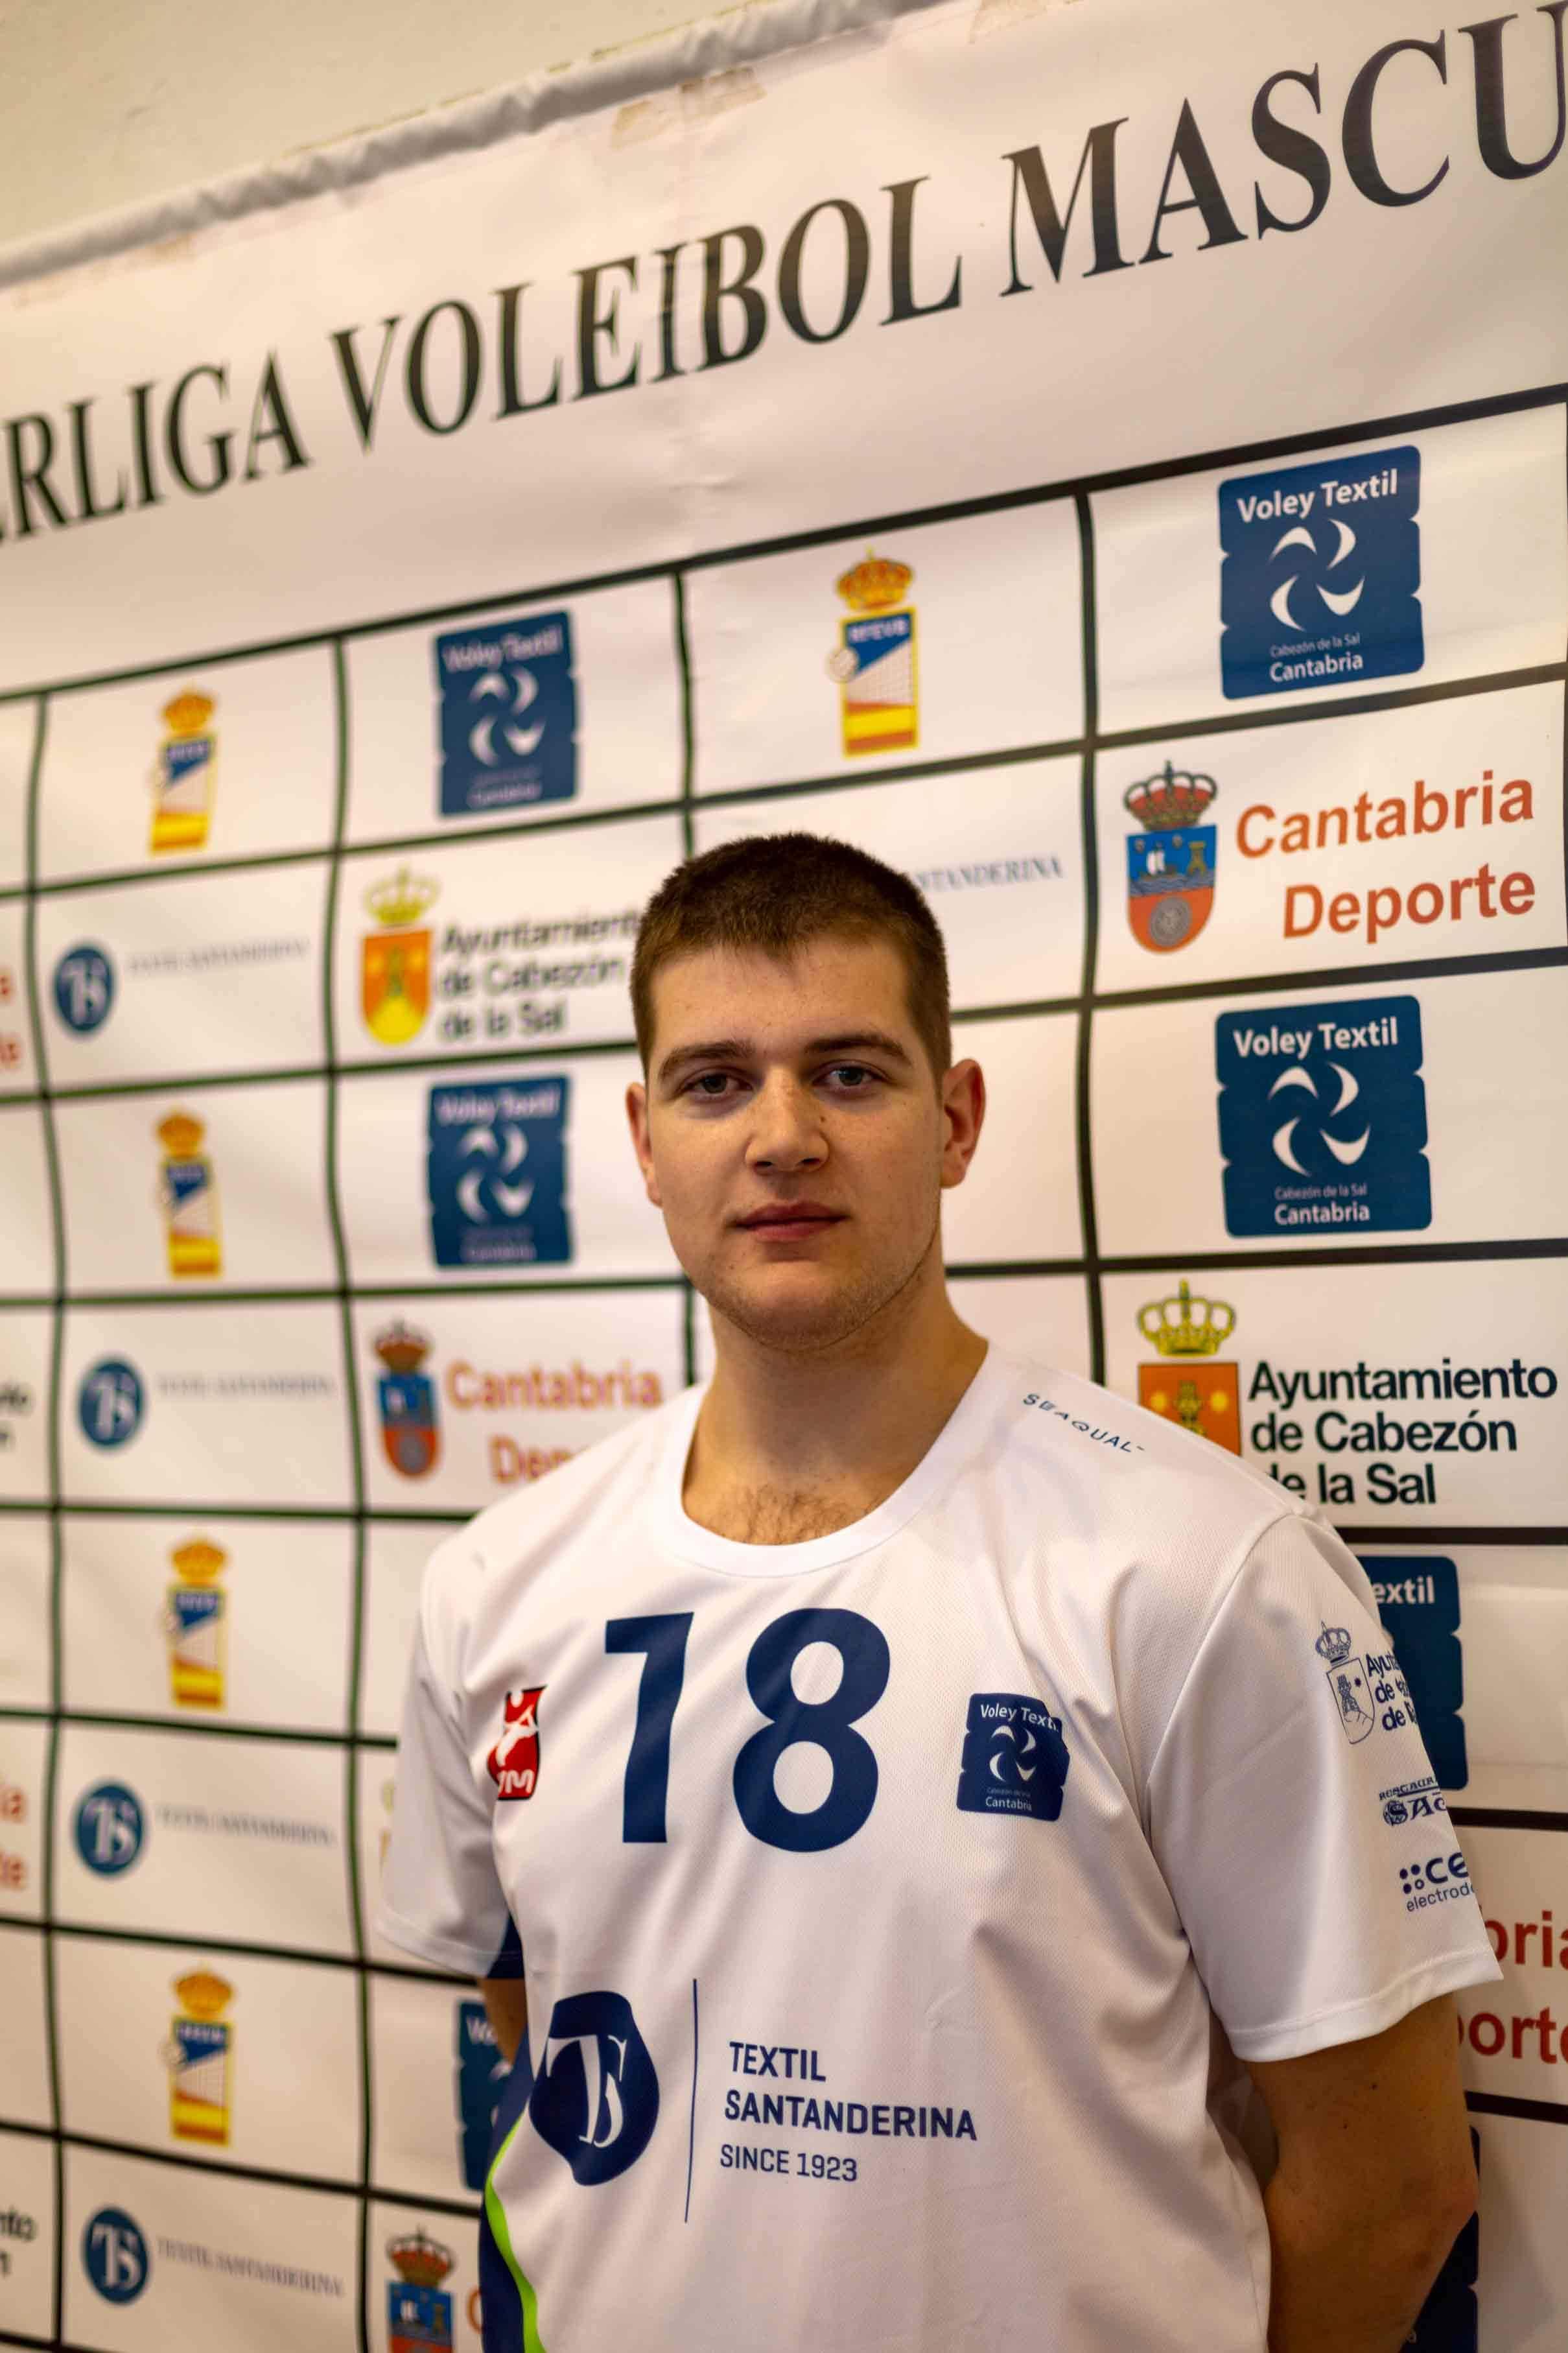 1819sm_18_José_María_Palencia